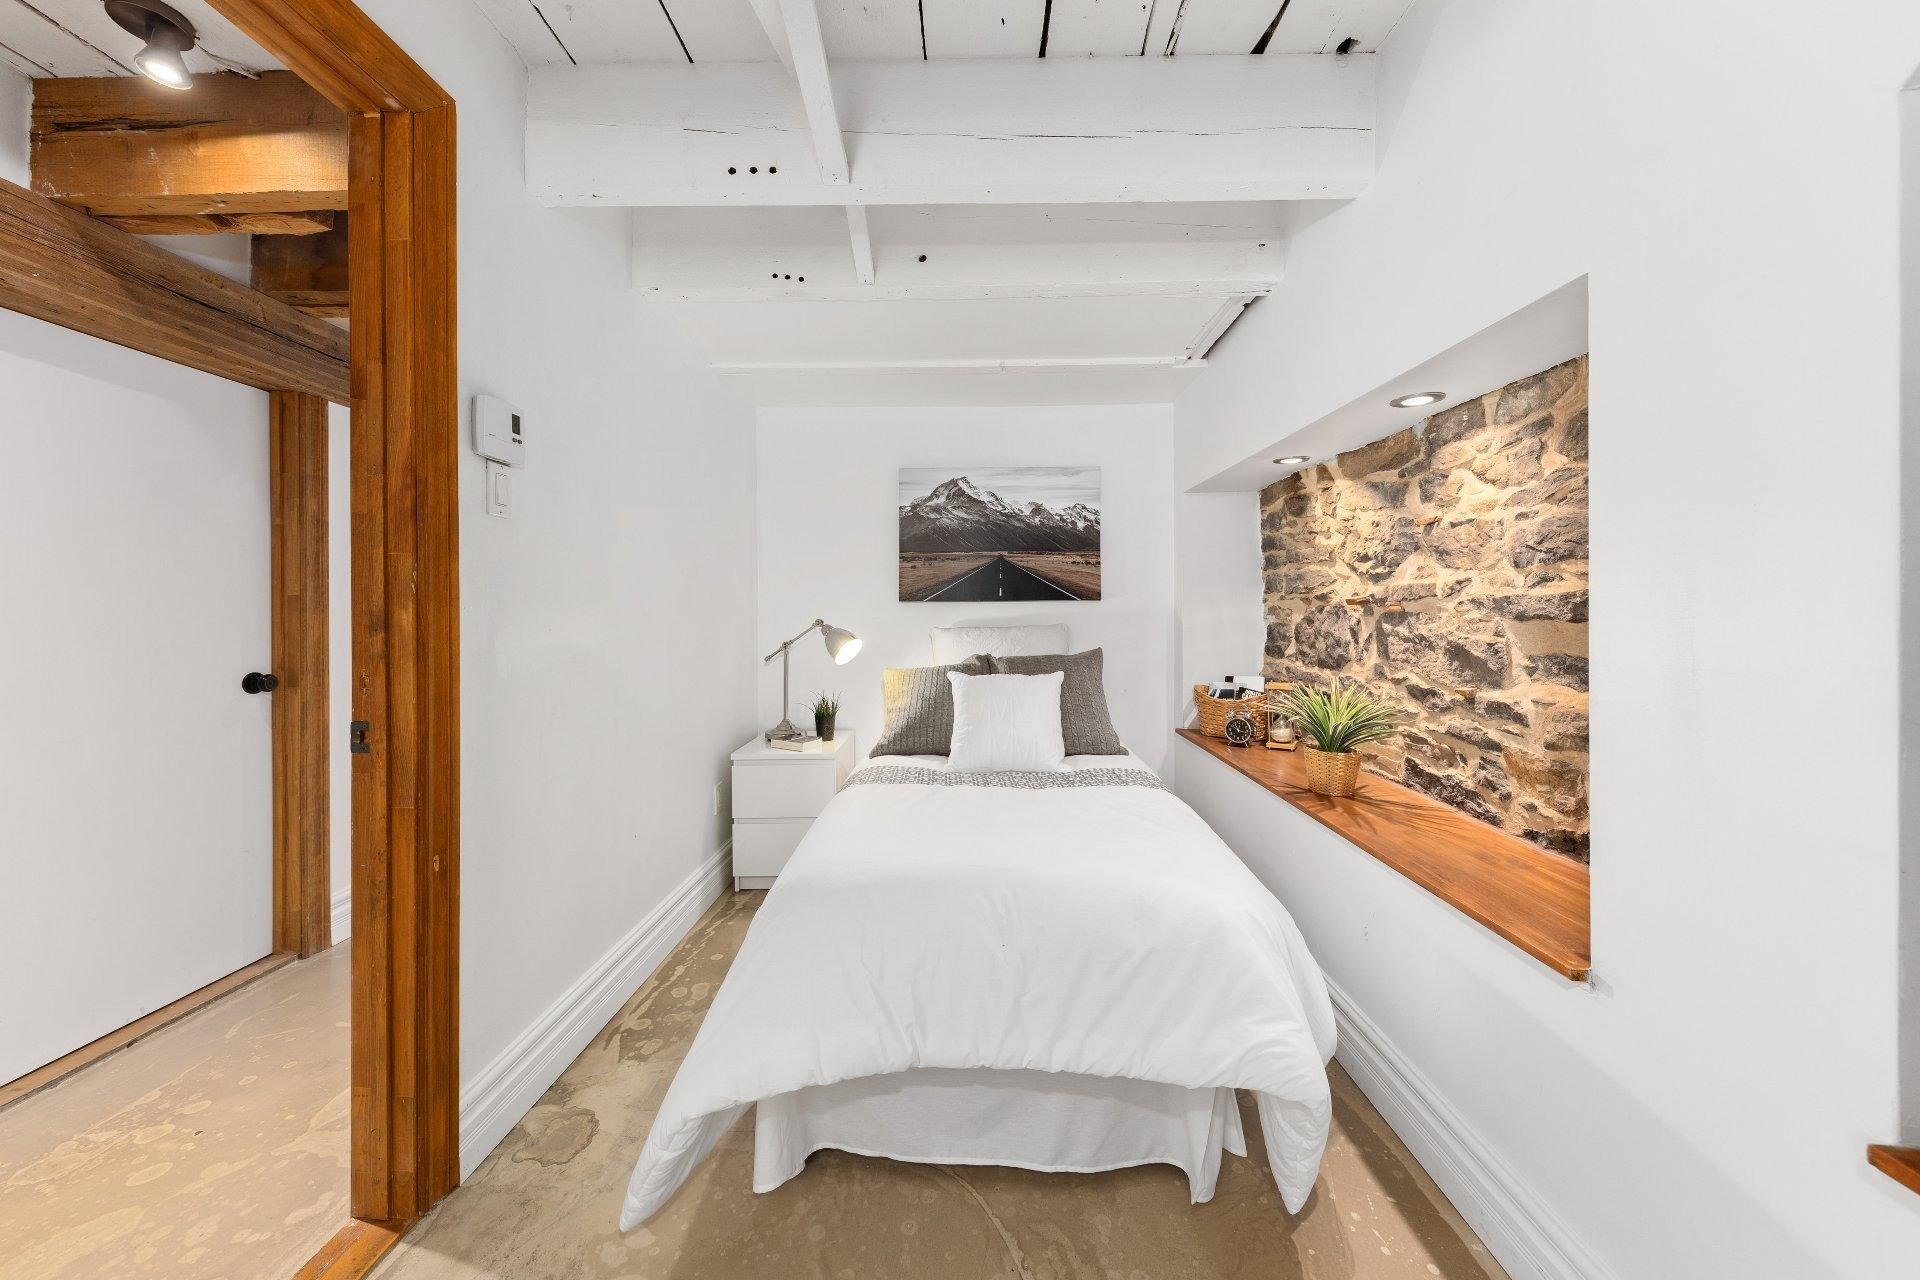 image 21 - Duplex For sale Le Plateau-Mont-Royal Montréal  - 5 rooms